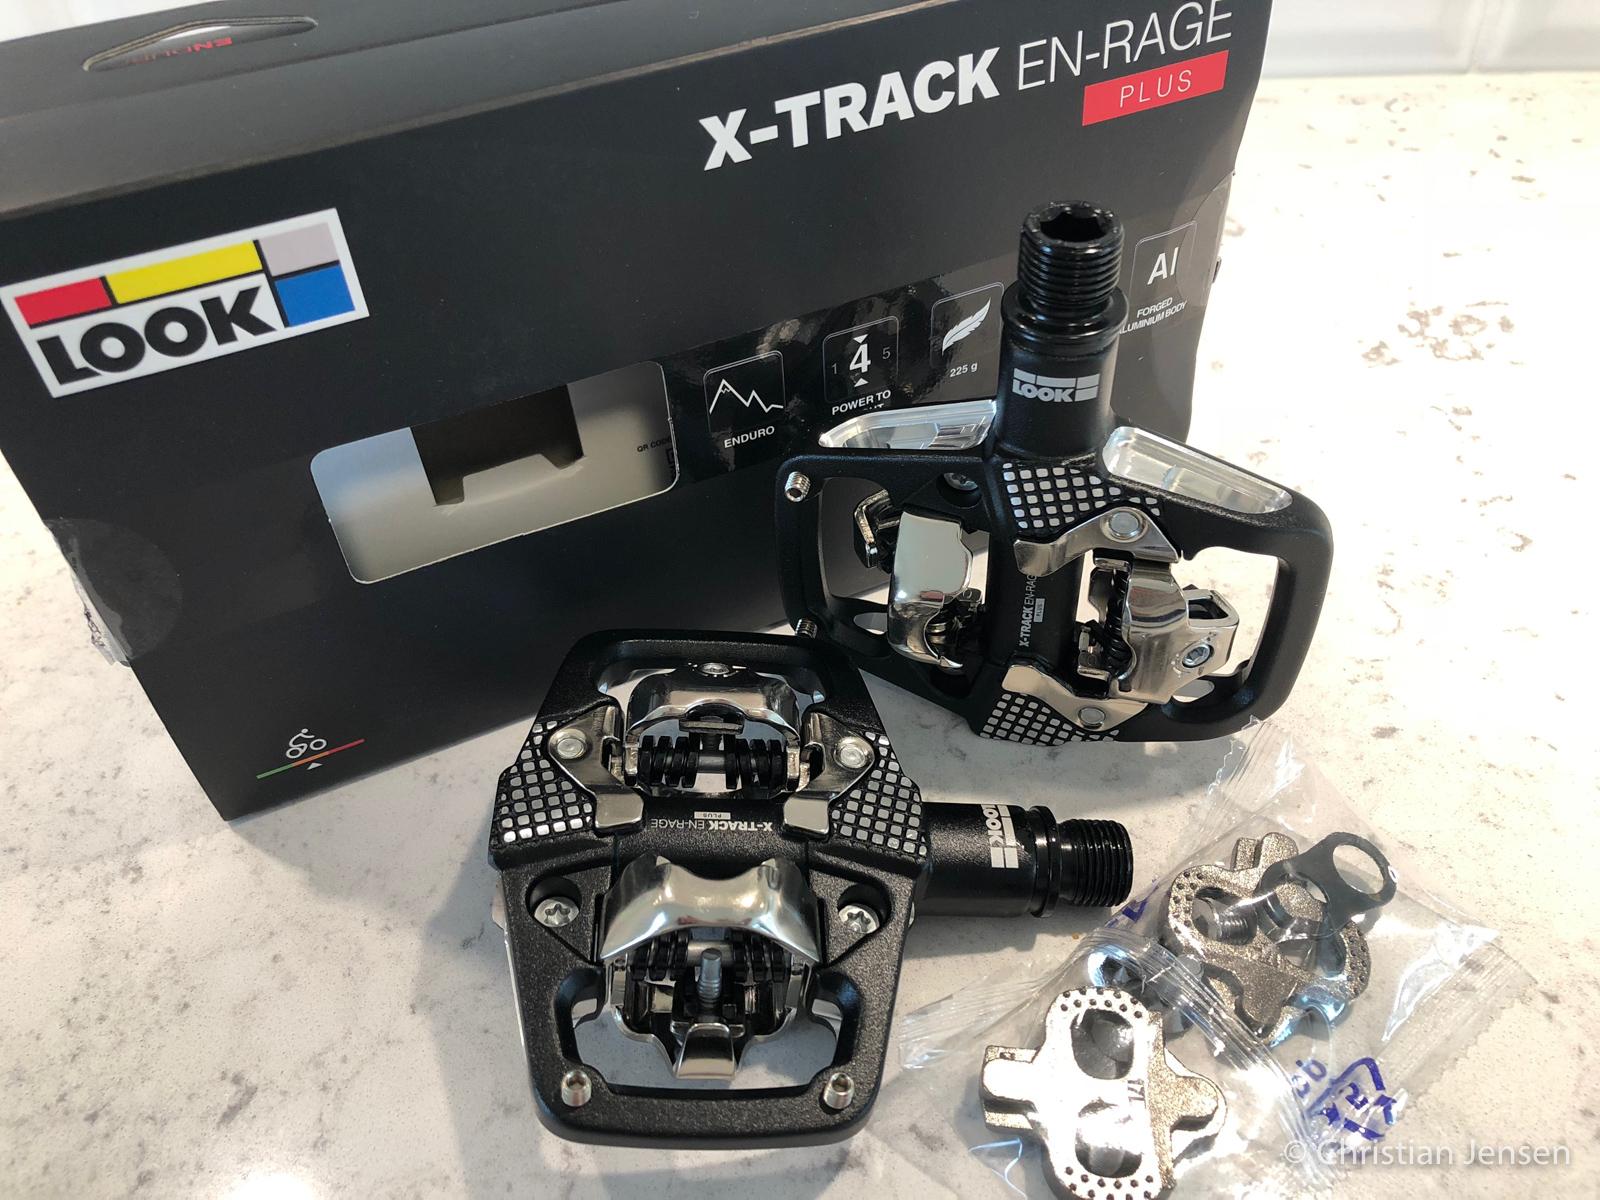 Look X-Track En-rage Plus